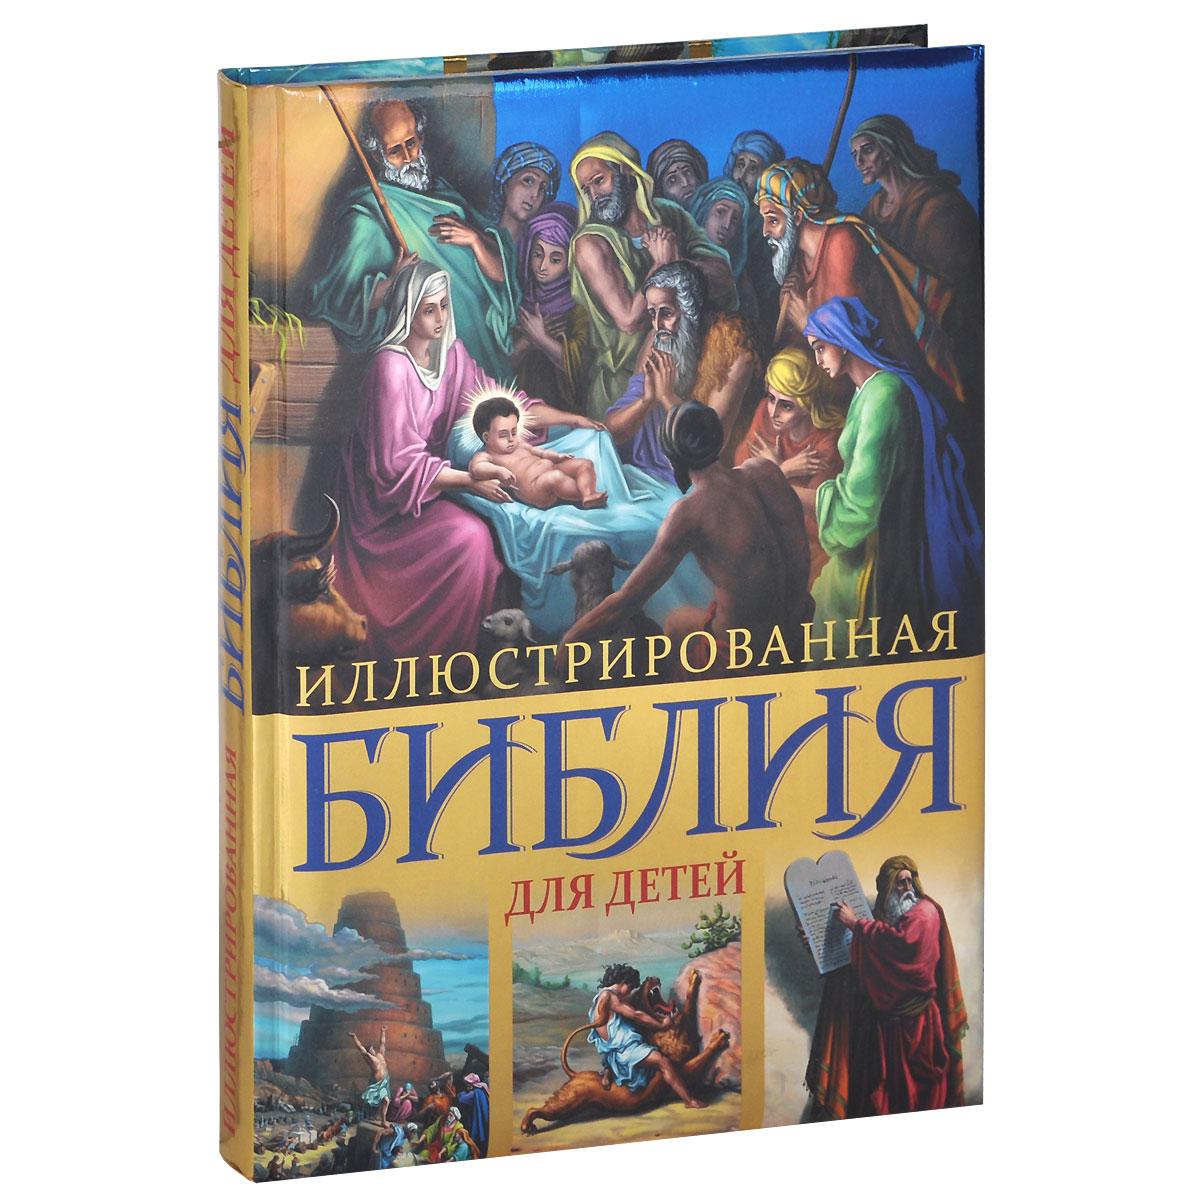 сайте библия в картинках для малышей качестве режущего